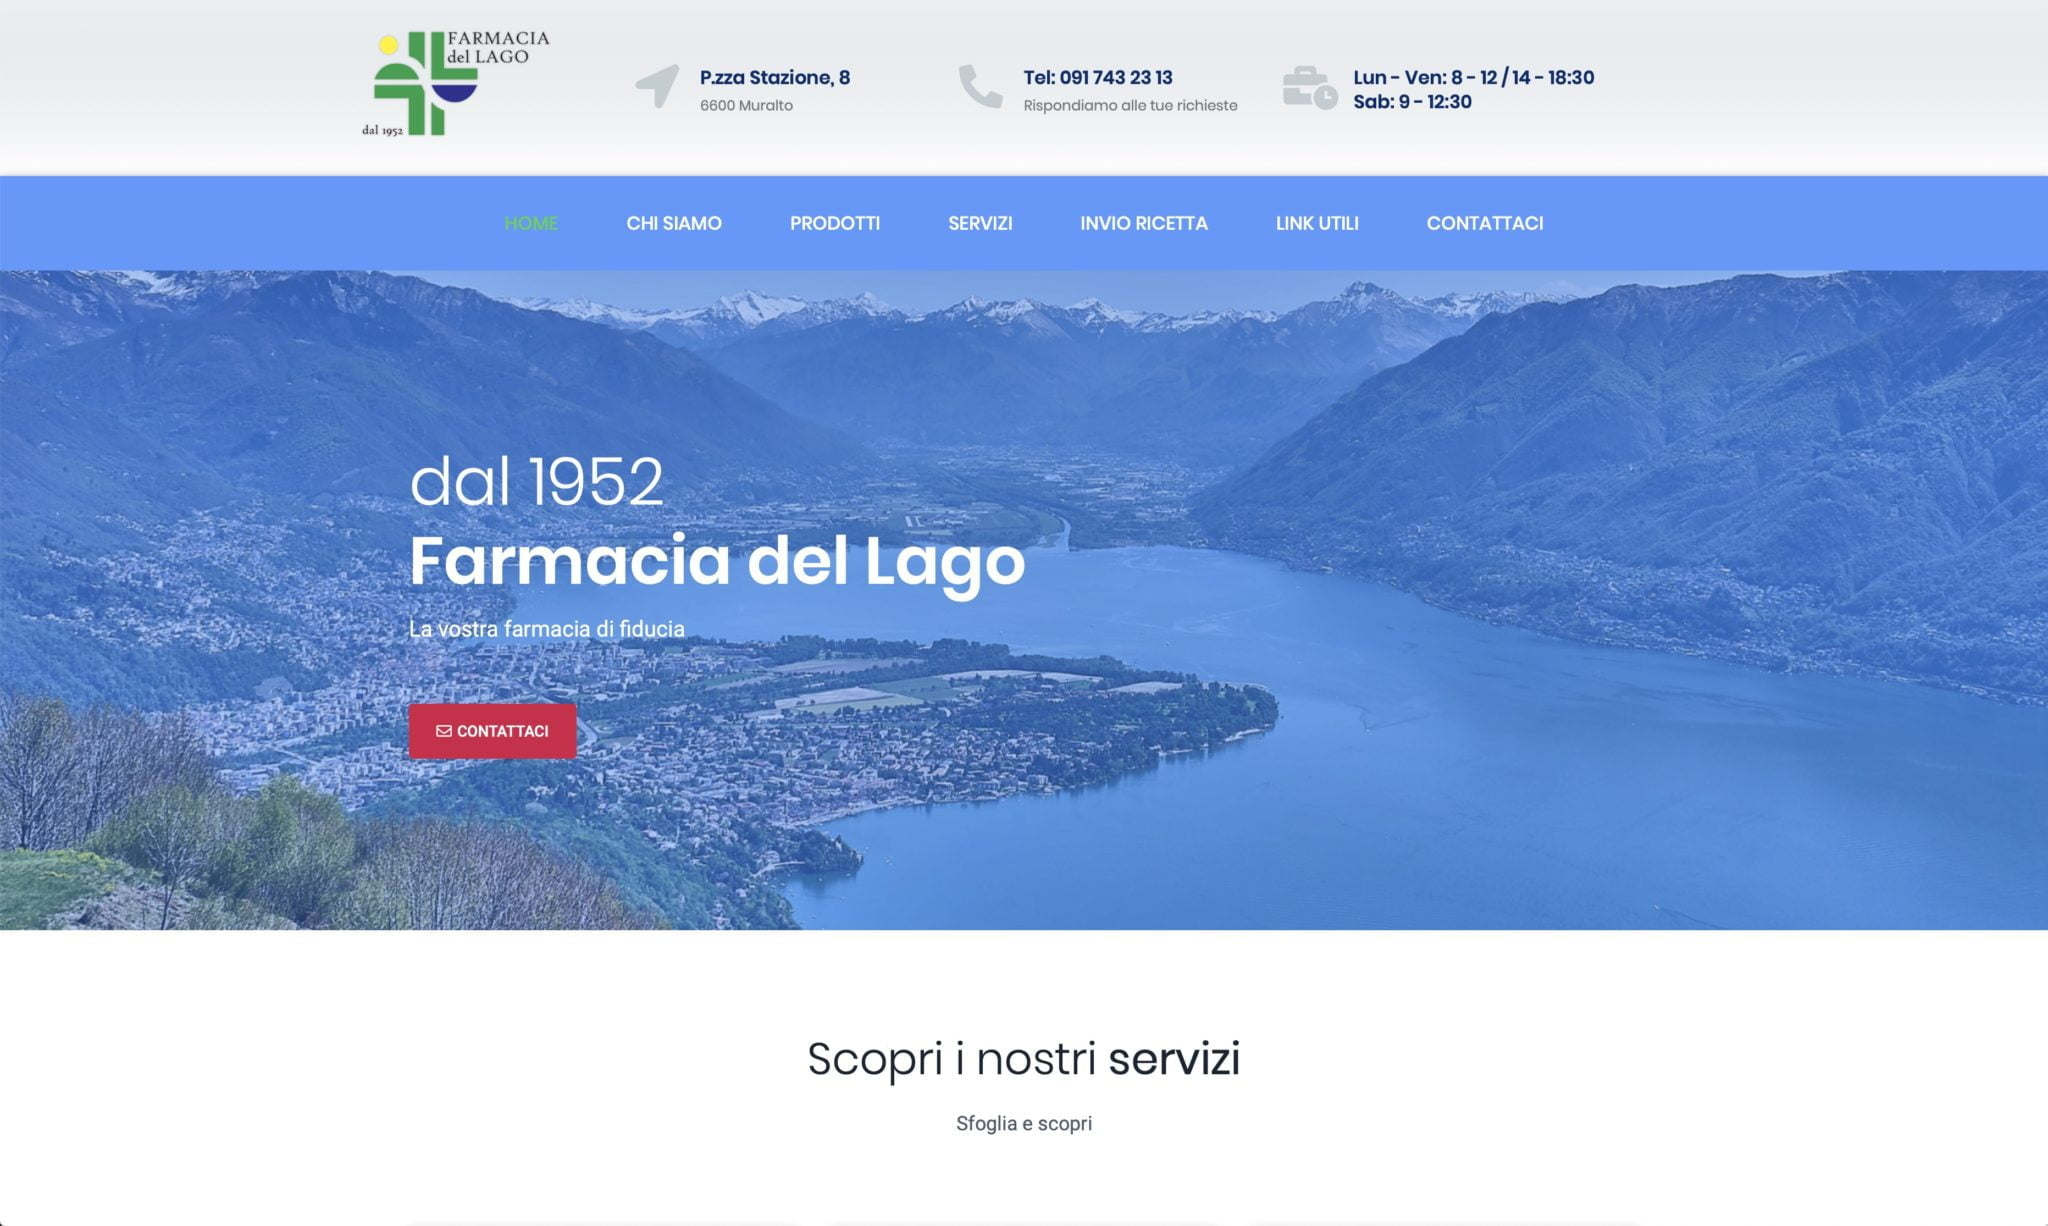 Farmacia del Lago Locarno